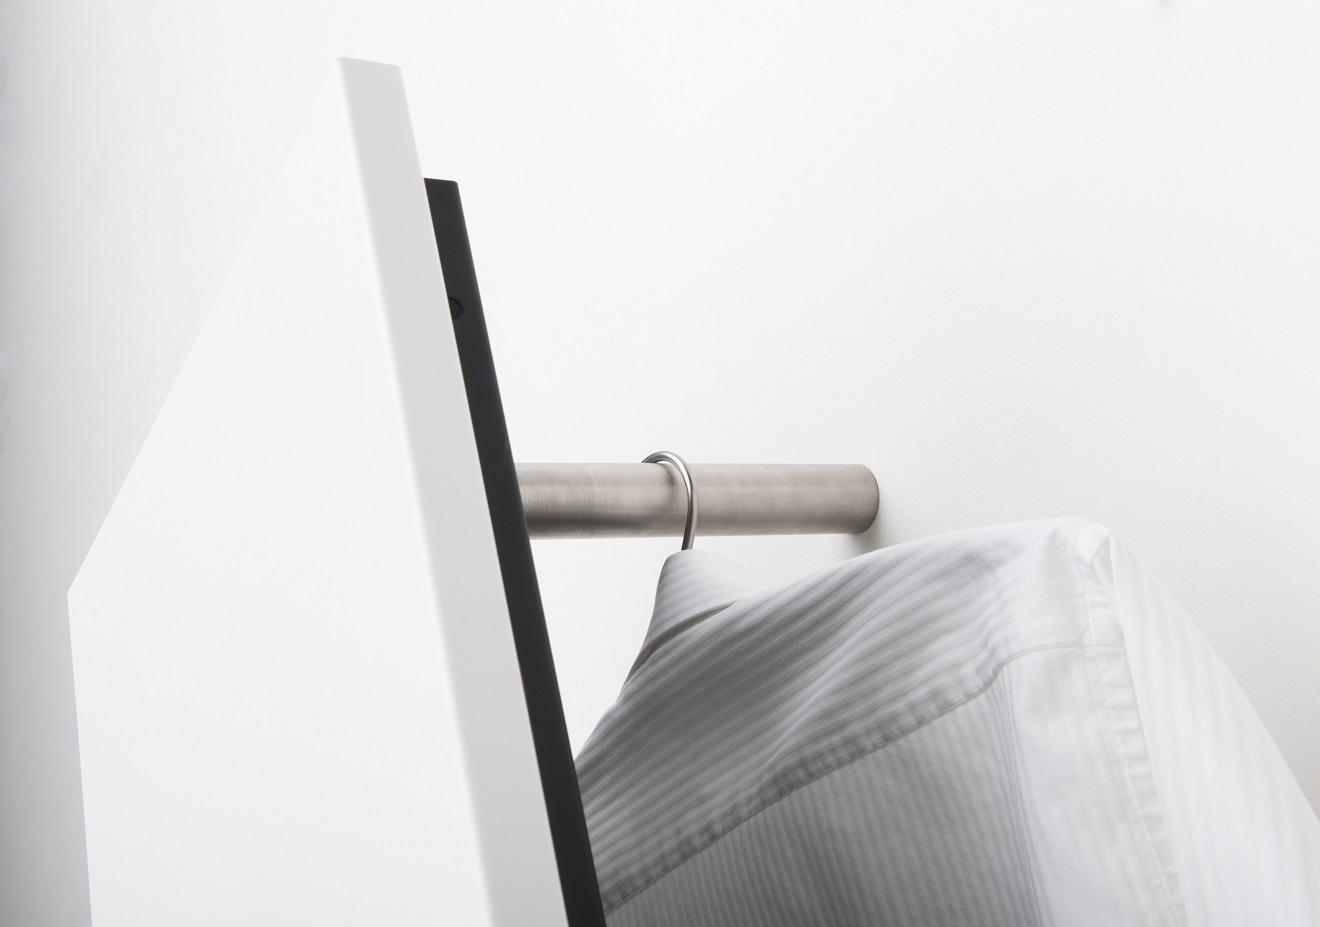 Full Size of Vasco Niva Designheizkrper Heizkörper Wohnzimmer Bad Elektroheizkörper Badezimmer Für Wohnzimmer Vasco Heizkörper